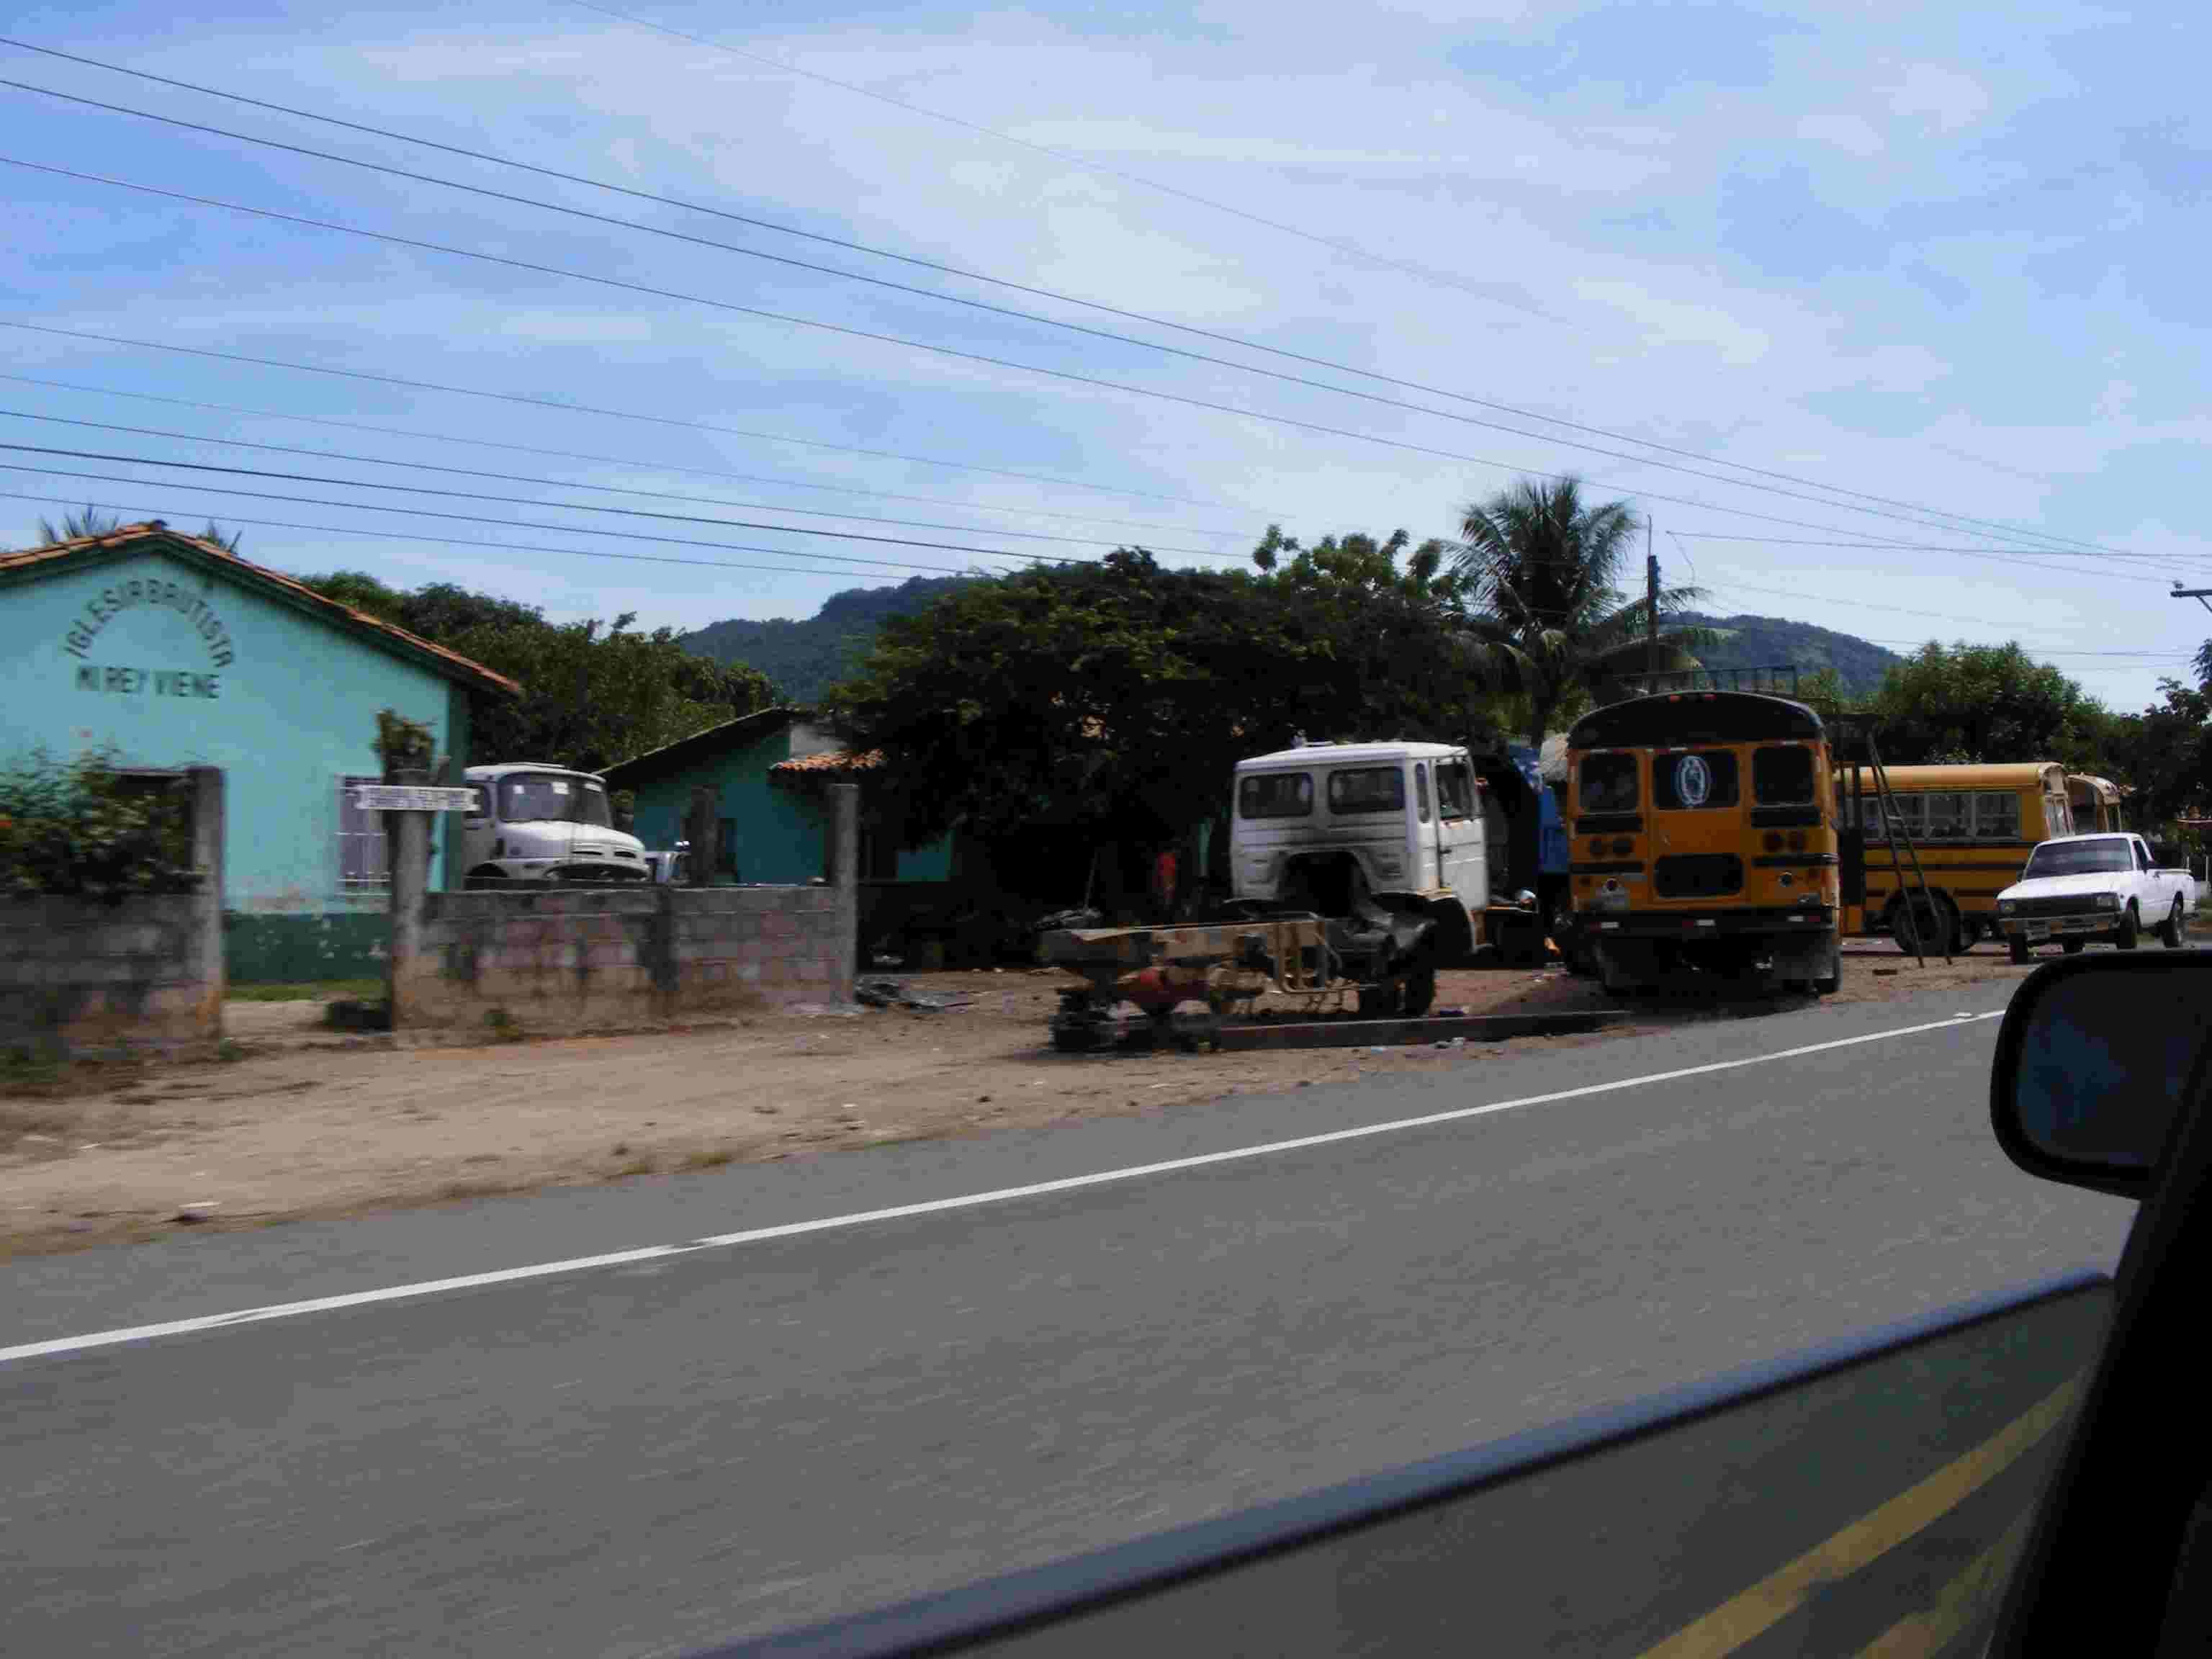 Honduras' village